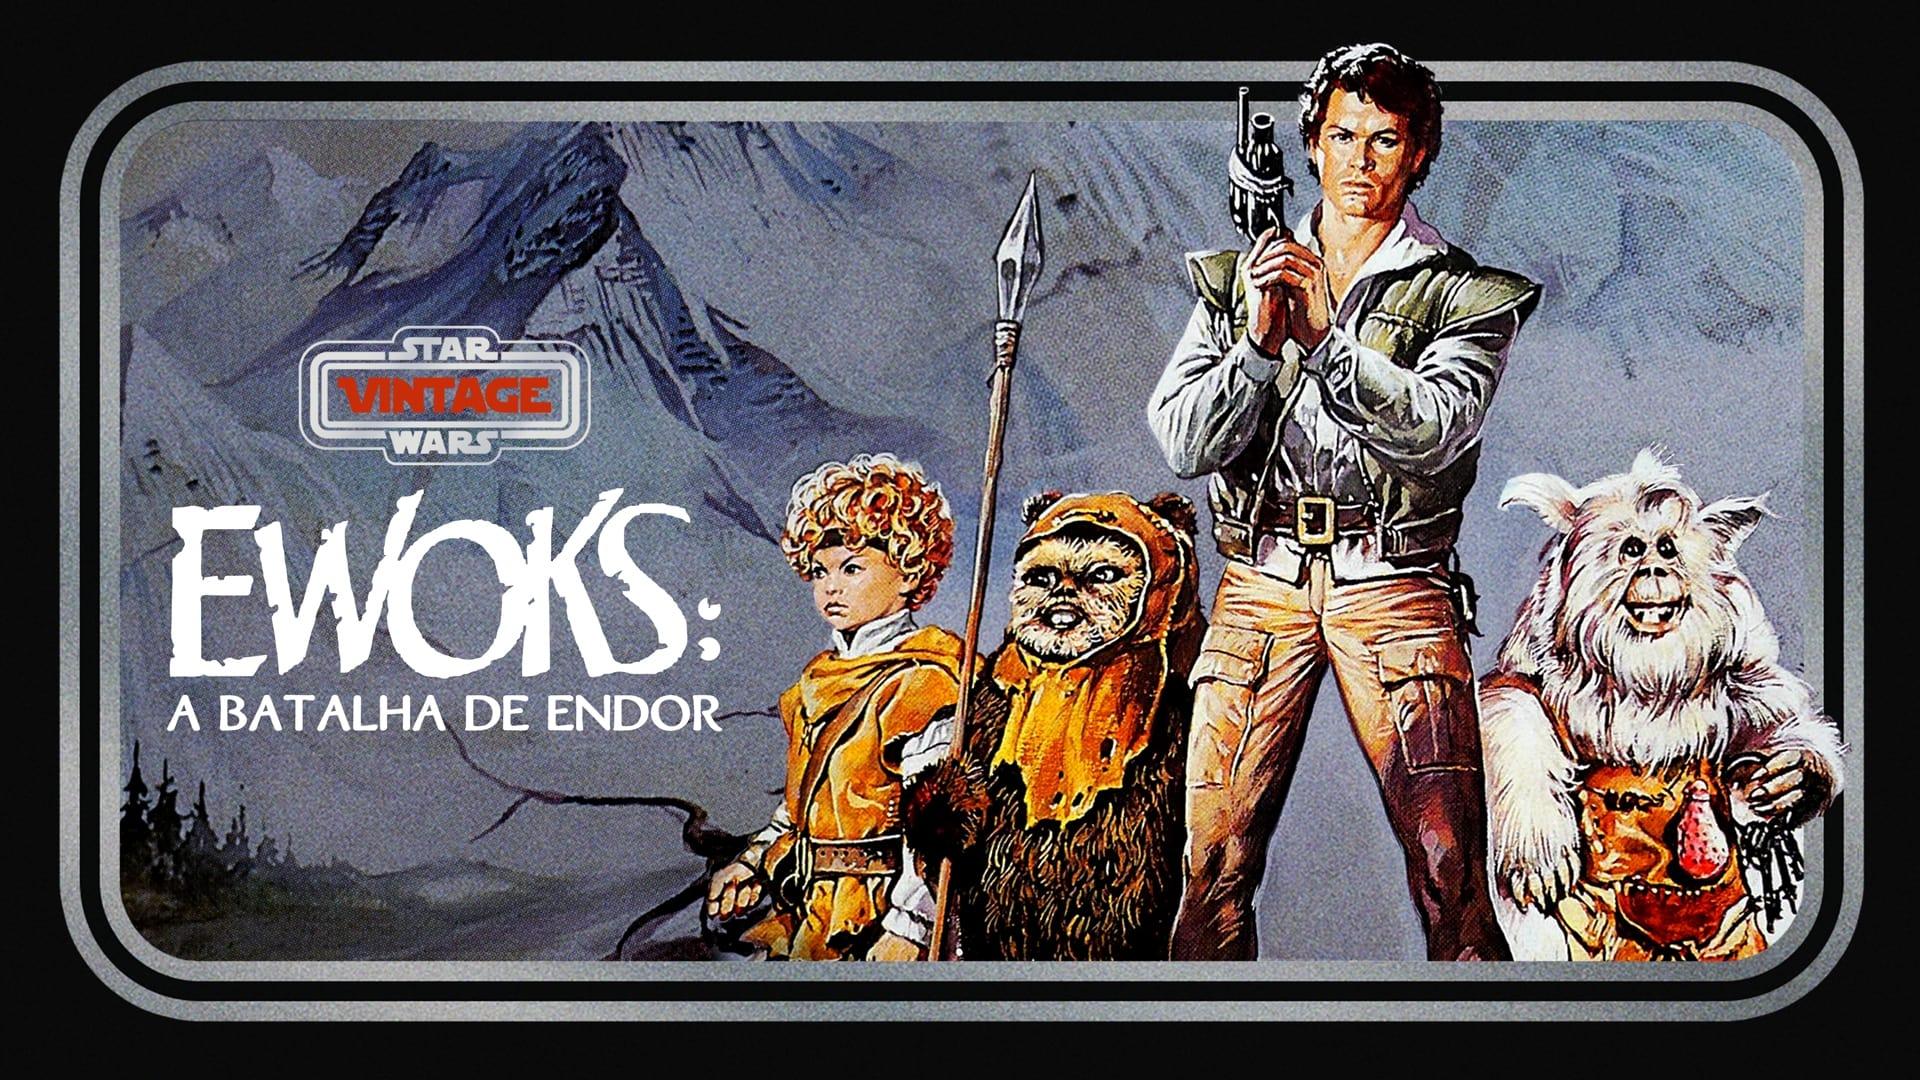 Star Wars Vintage: Los Ewoks - La Batalla de Endor